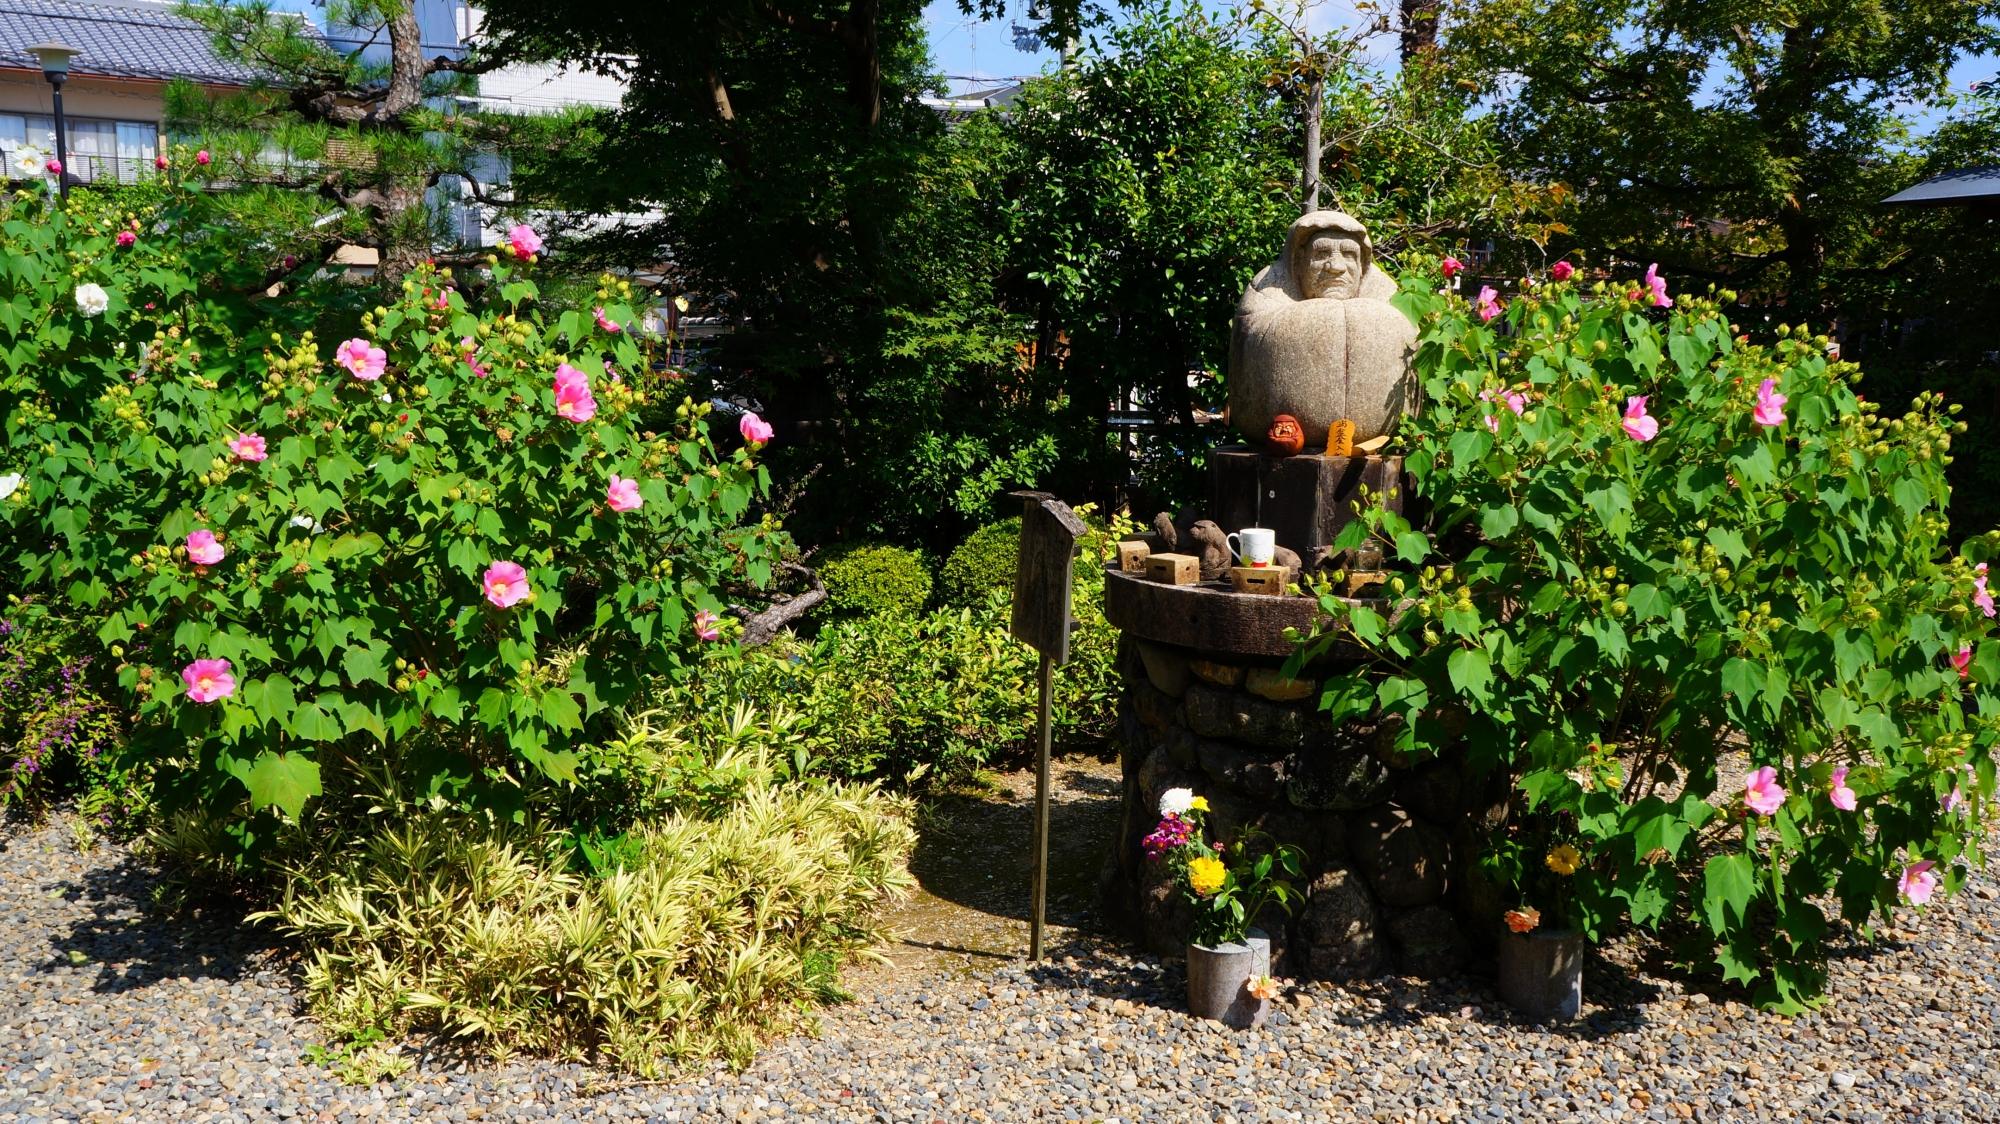 芙蓉の花につつつまれた法輪寺の達磨像